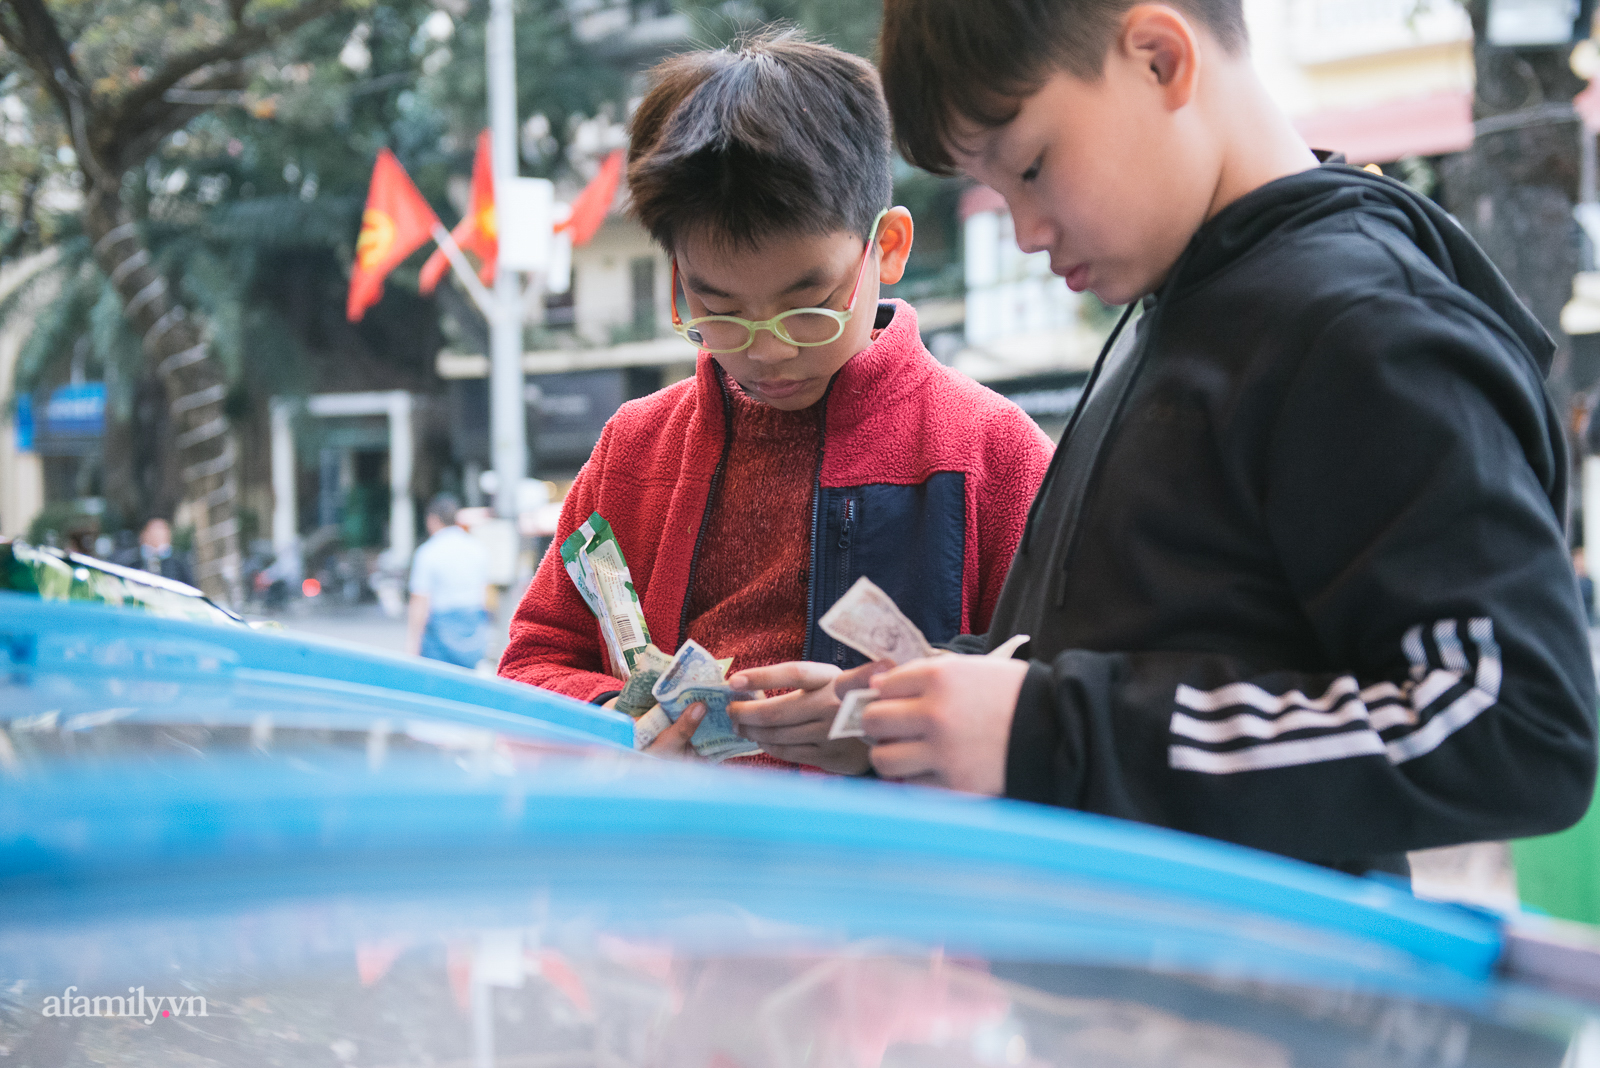 Ăn kem mùa đông ở Hà Nội, thú vui chỉ ai yêu mùa đông mới hiểu - Ảnh 3.